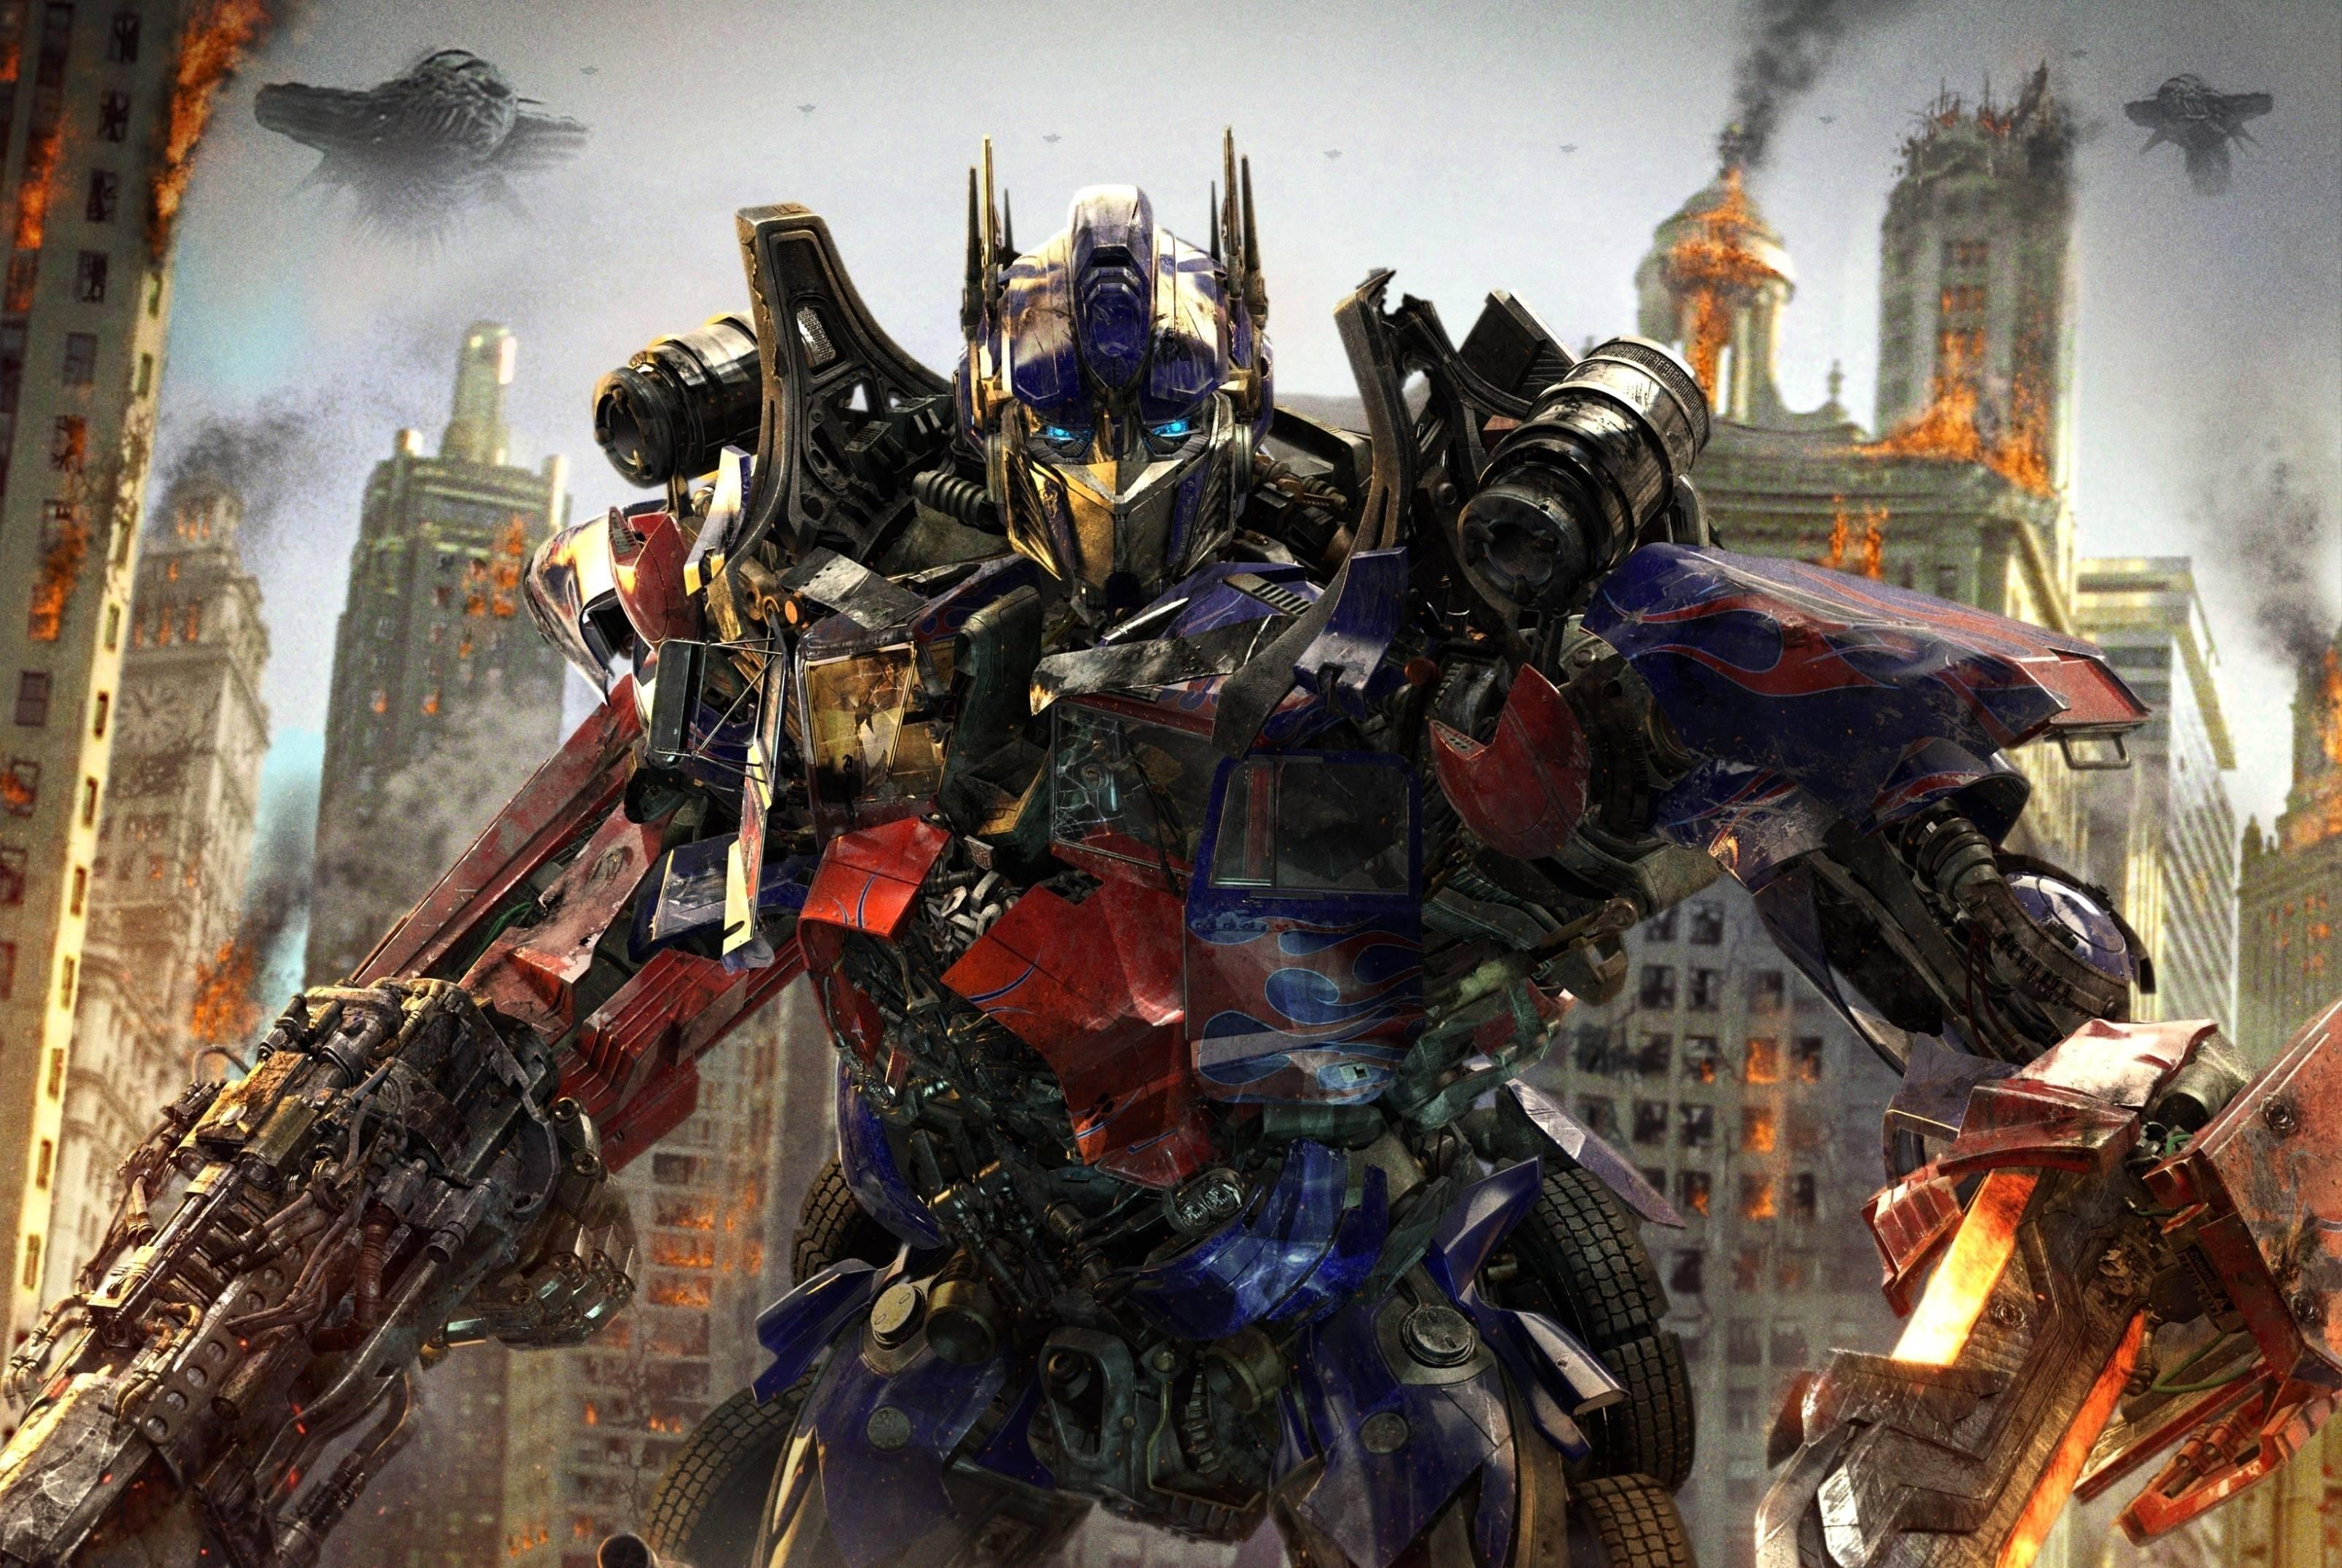 transformers optimus prime wallpapers - wallpaper cave